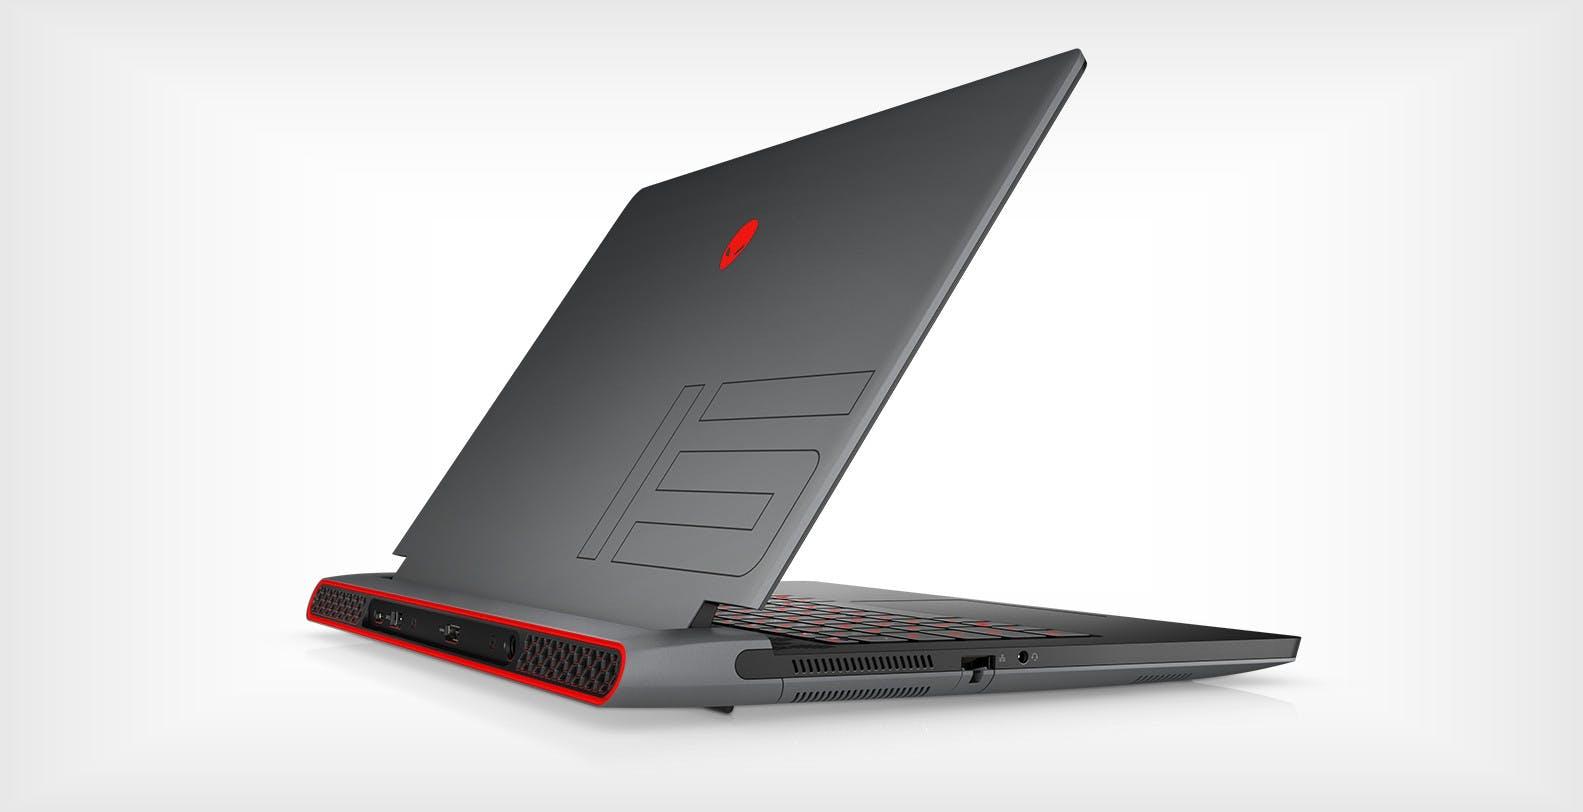 Dell svela la nuova gamma di portatili Alienware con processori AMD Ryzen e GPU Nvidia serie 30